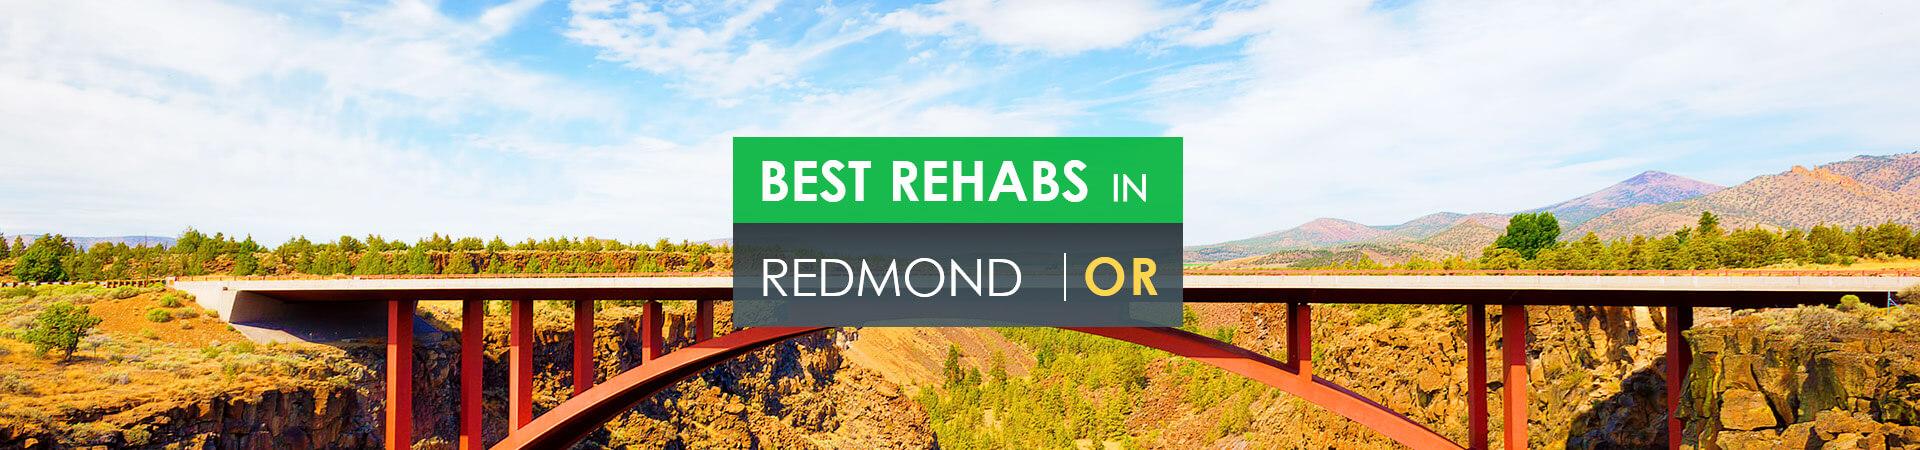 Best rehabs in Redmond, OR